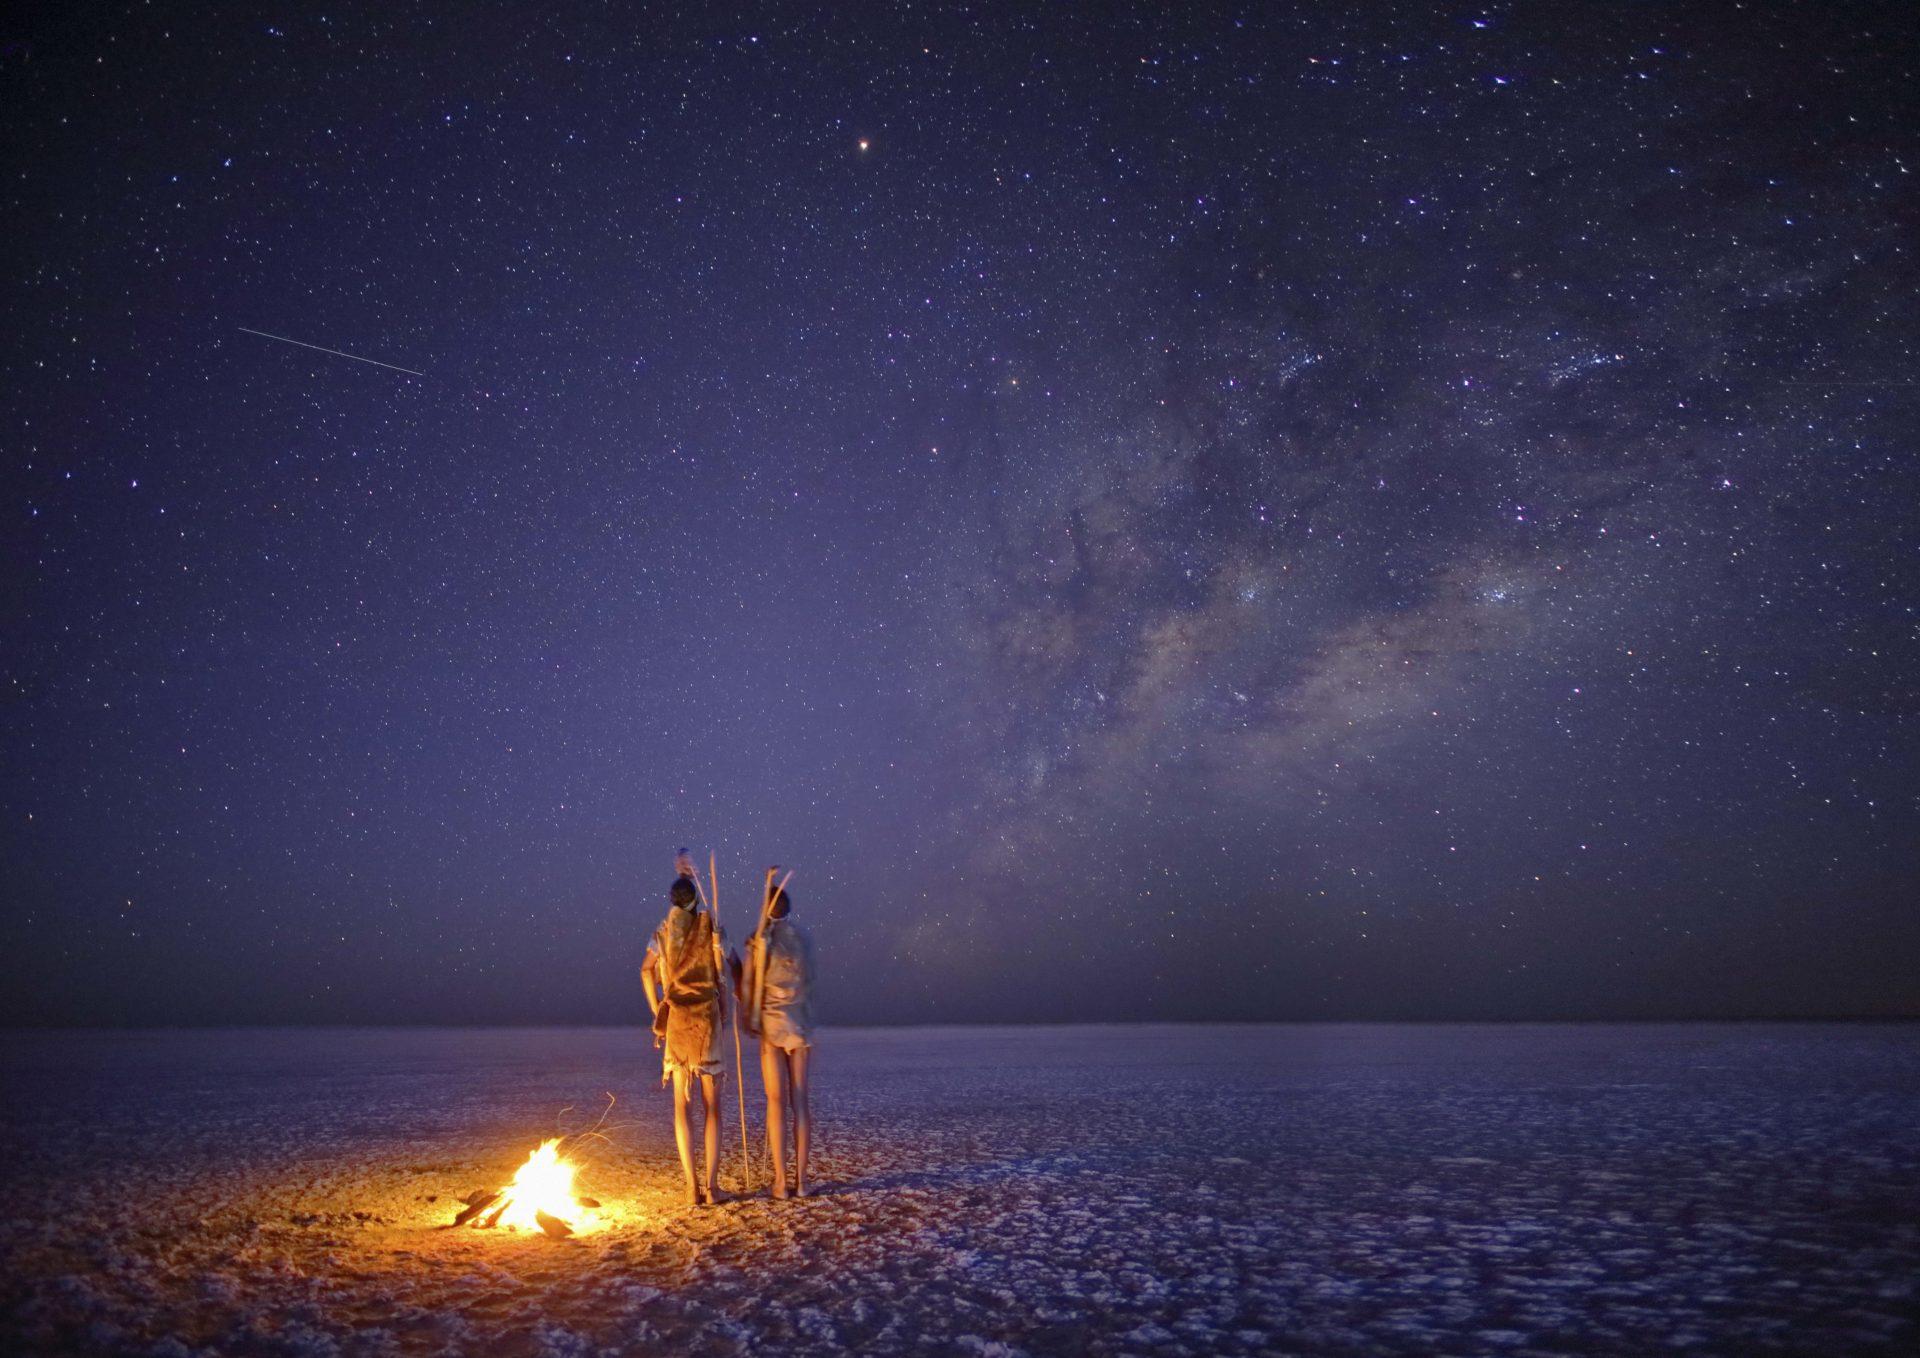 Botswana - Makgadikgadi Pans National Park - Meno a Kwena Salt Pan at night stargazing